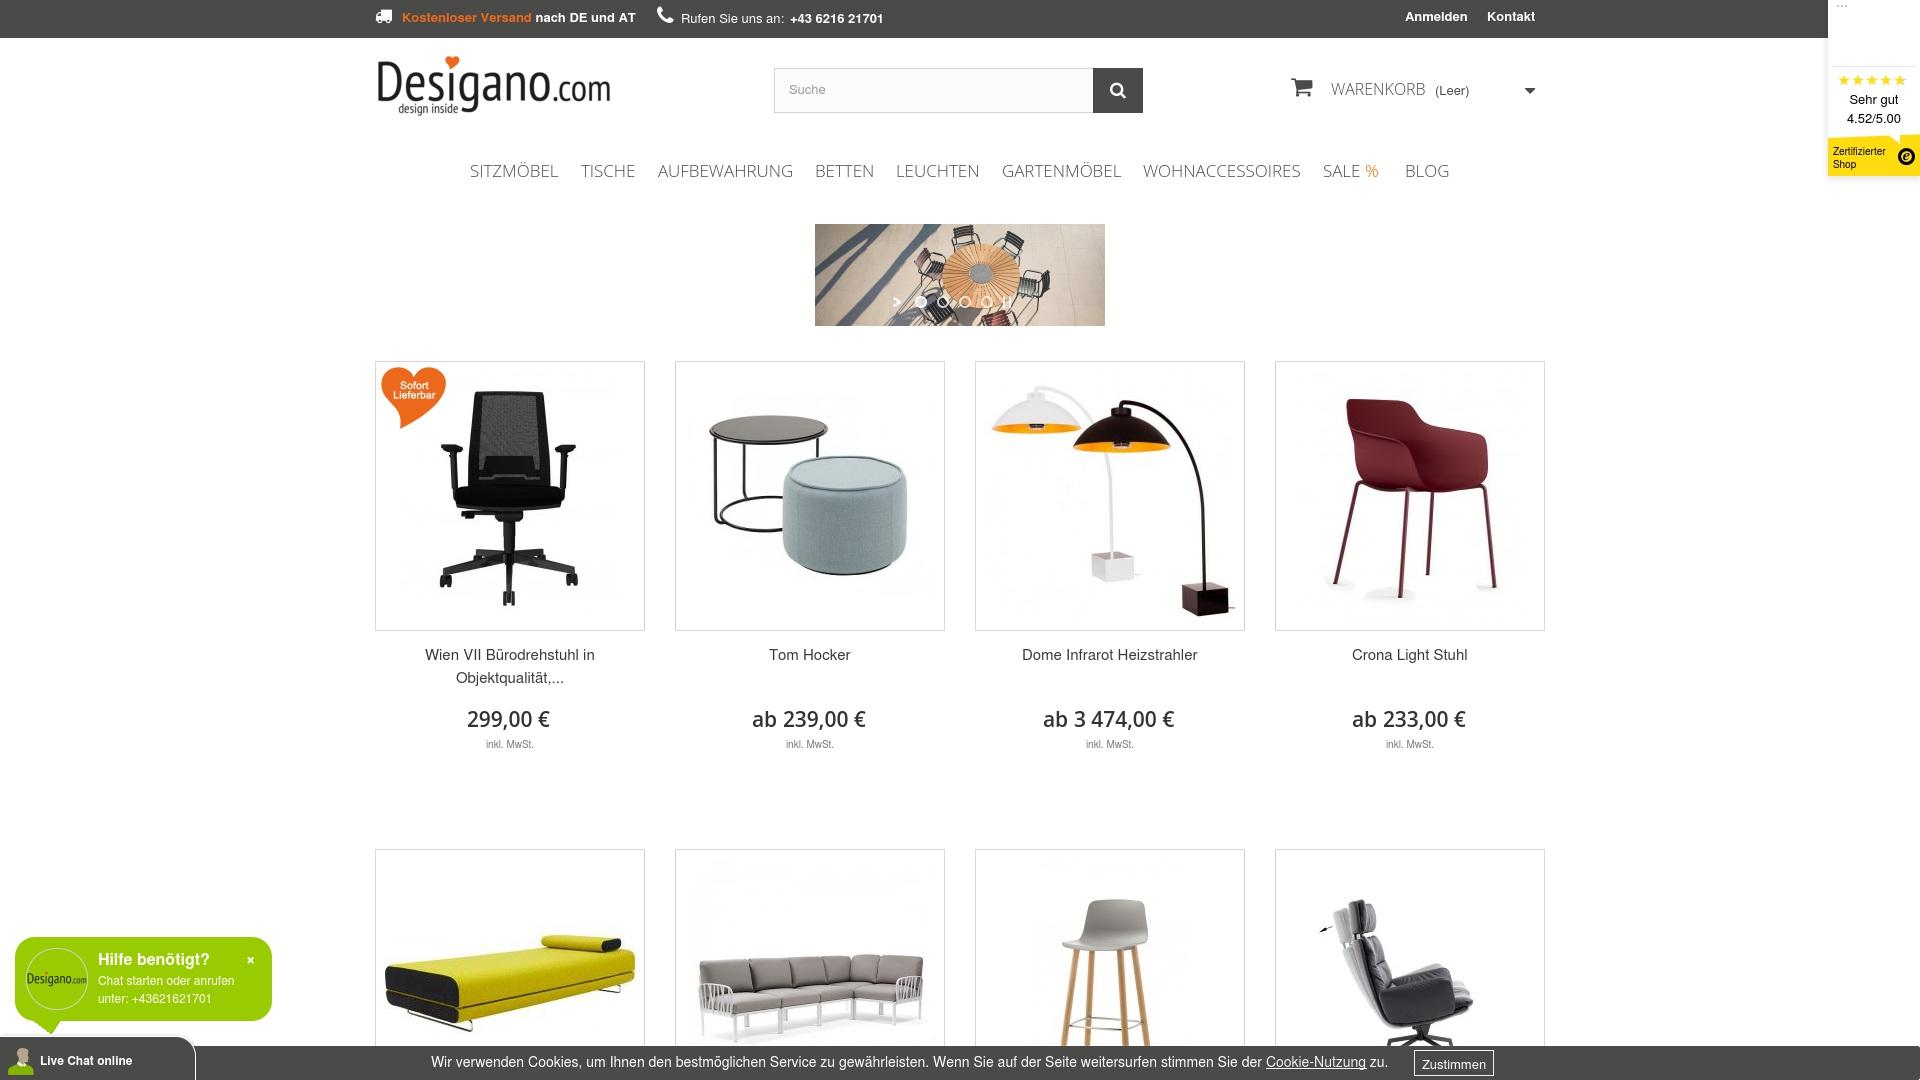 Gutschein für Desigano: Rabatte für  Desigano sichern